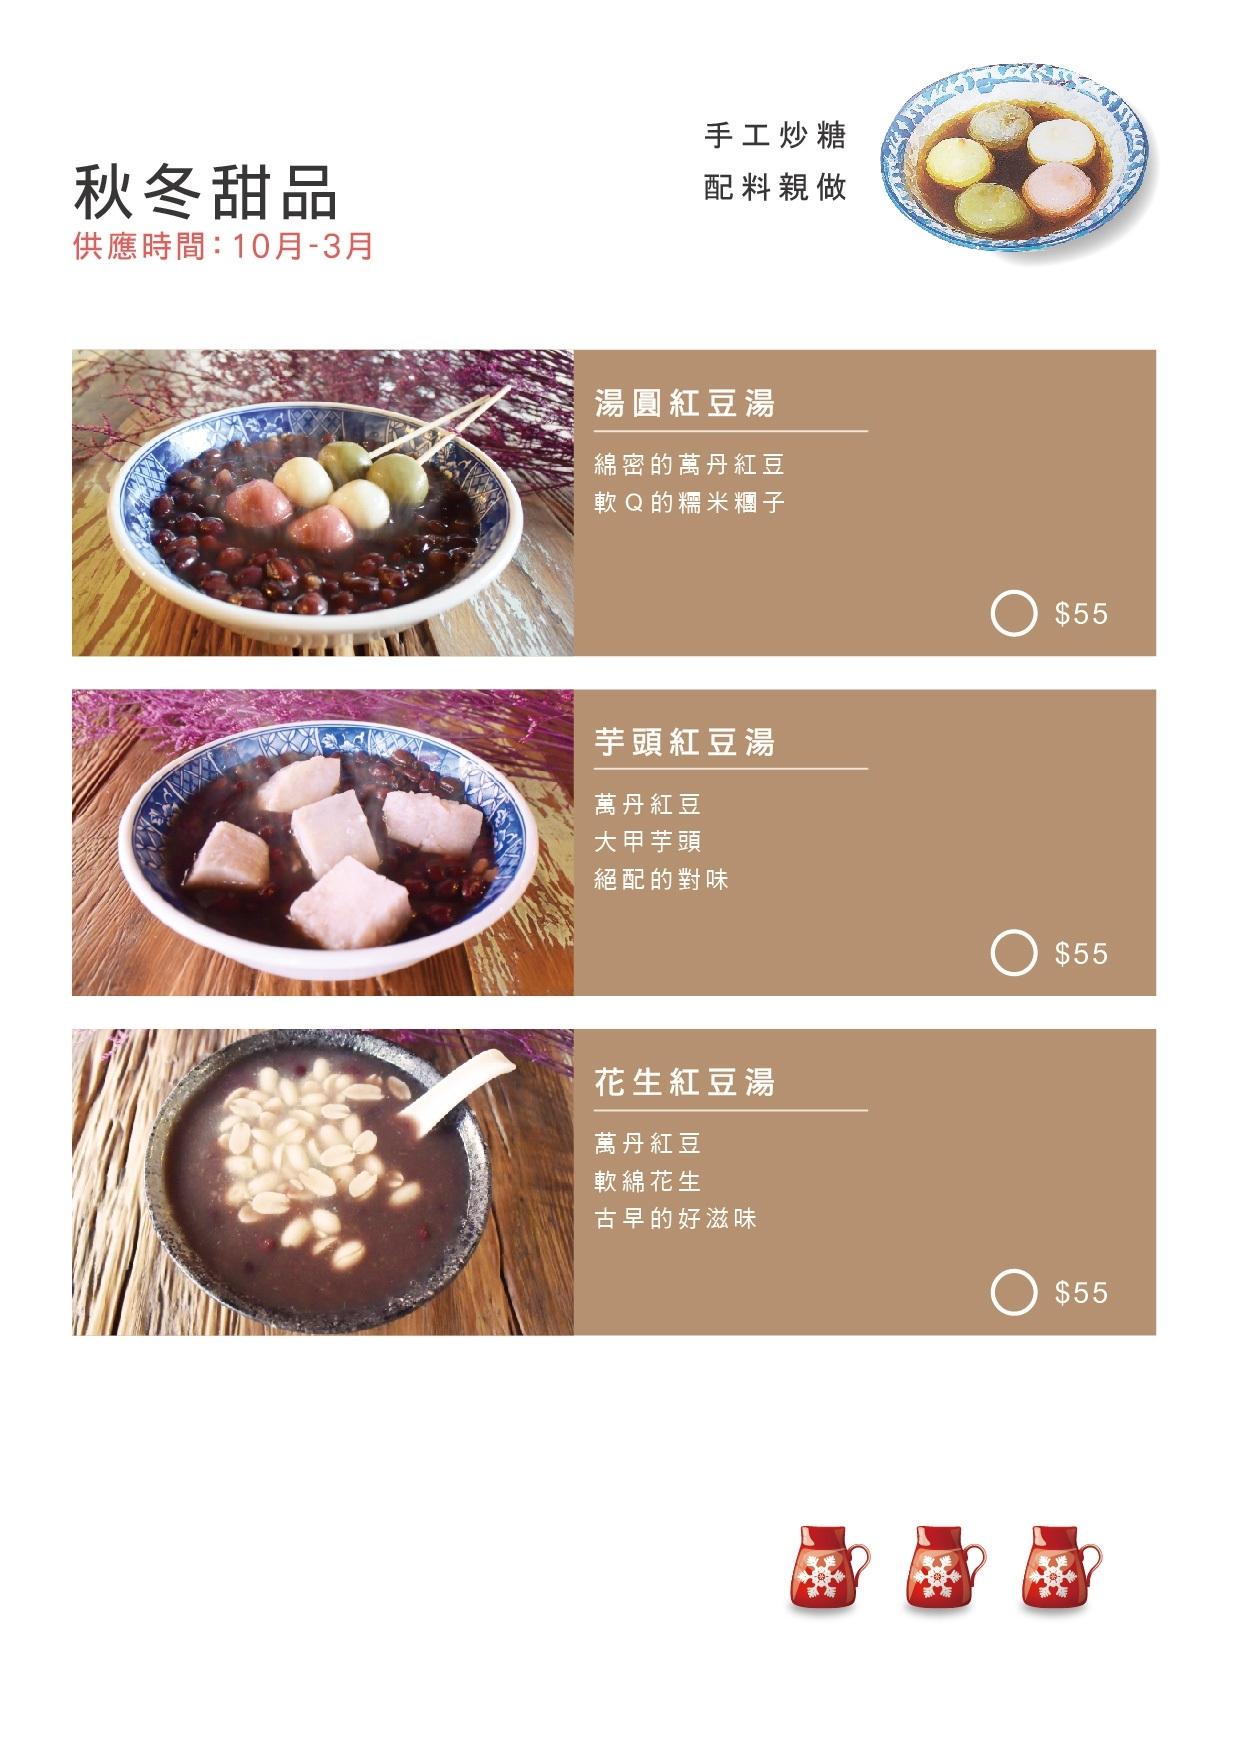 新南五五製冰所 菜單 台中大里冰店03